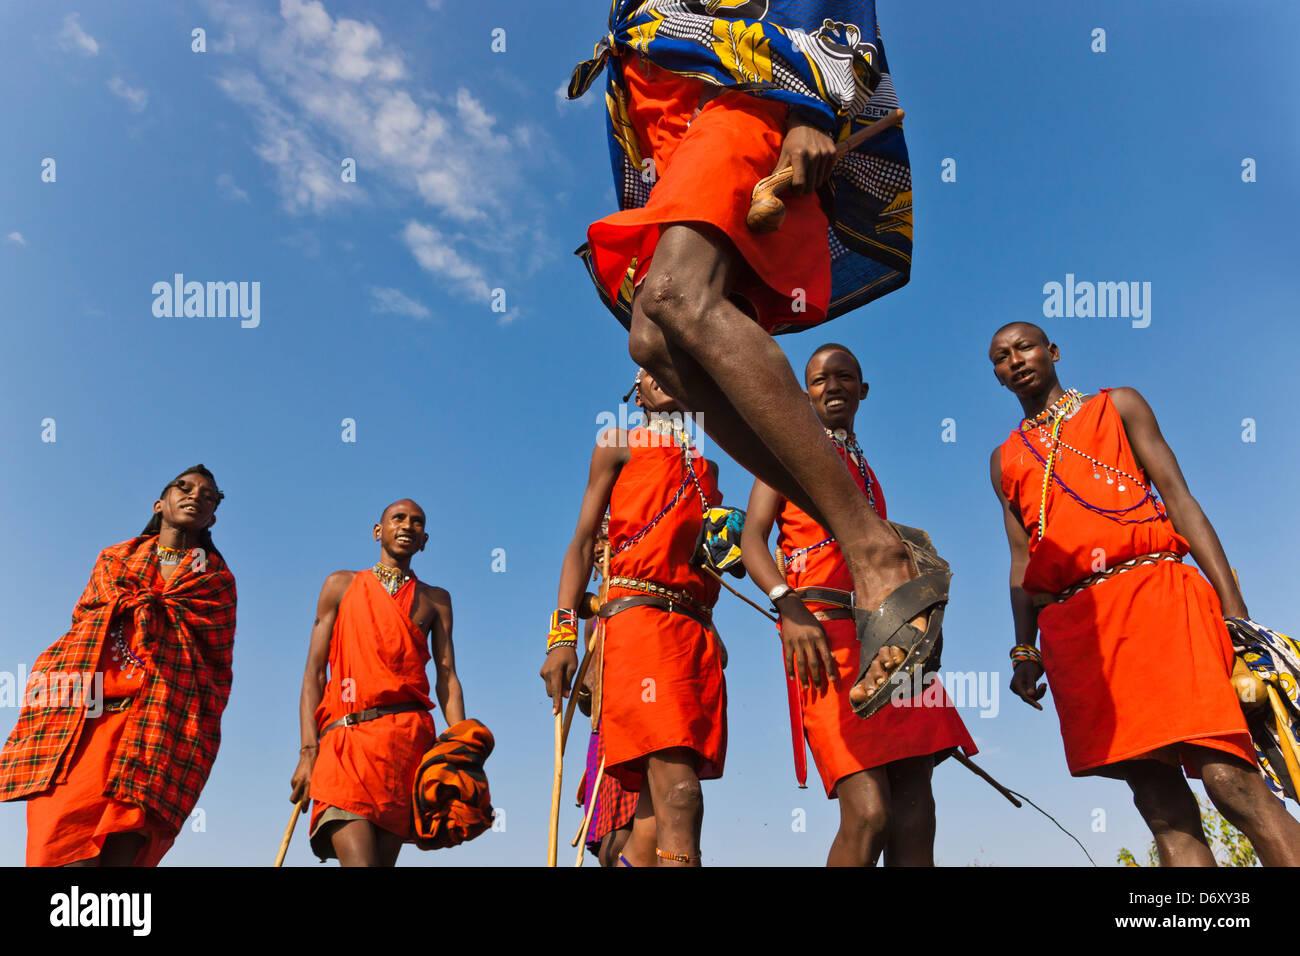 Tribù Masai di eseguire salti di danza, Masai Mara, Kenya Immagini Stock